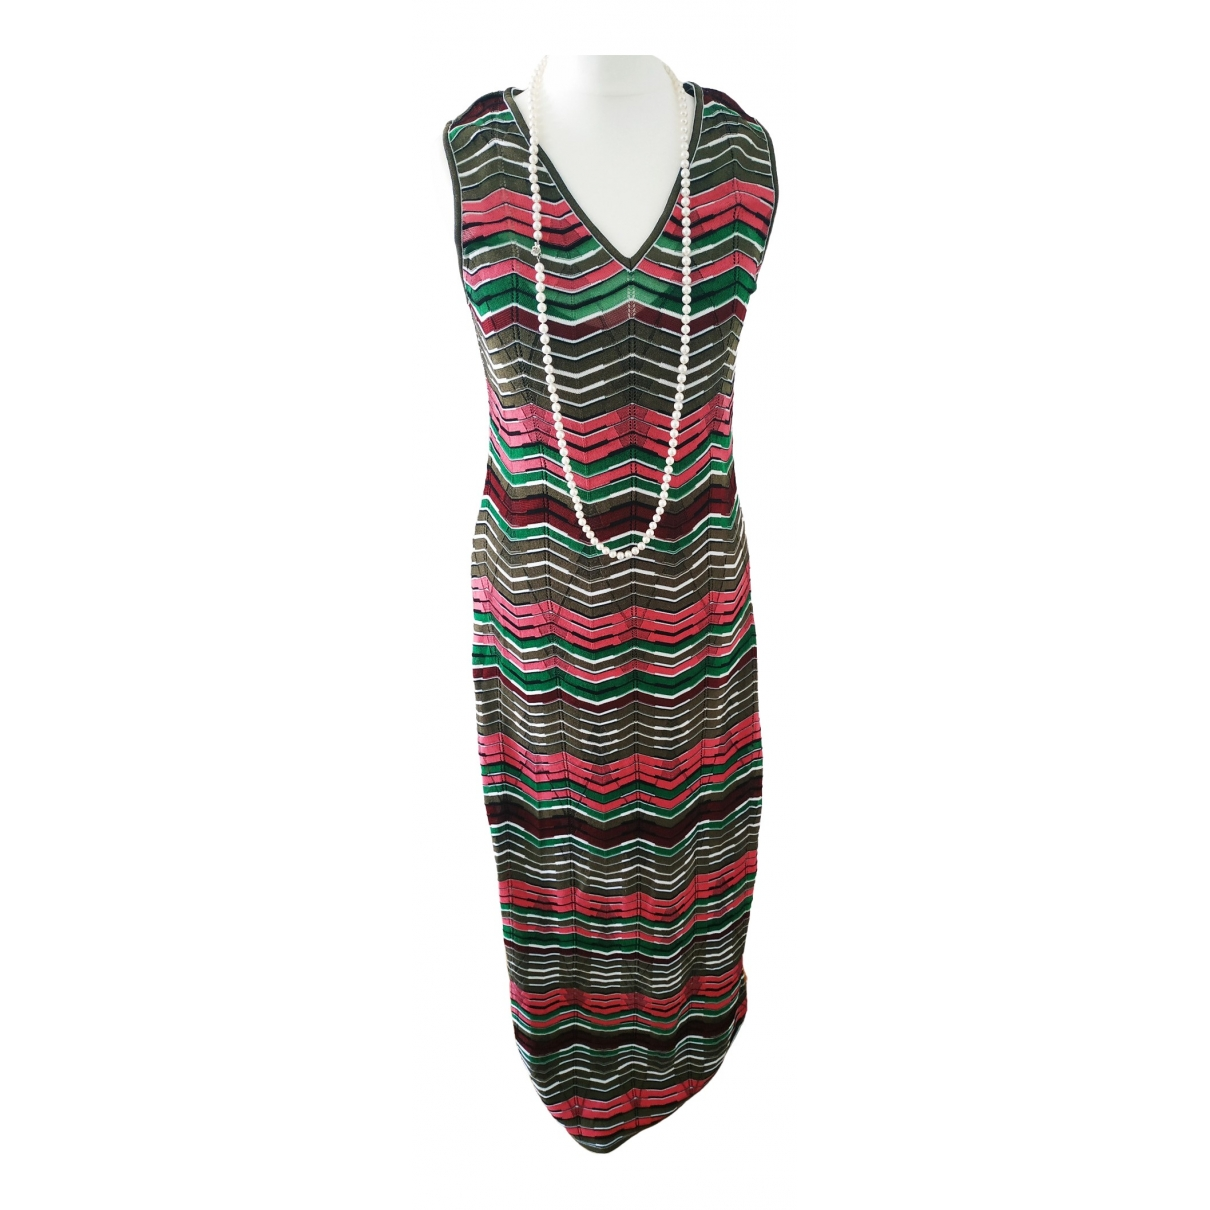 M Missoni \N Multicolour dress for Women 40 FR